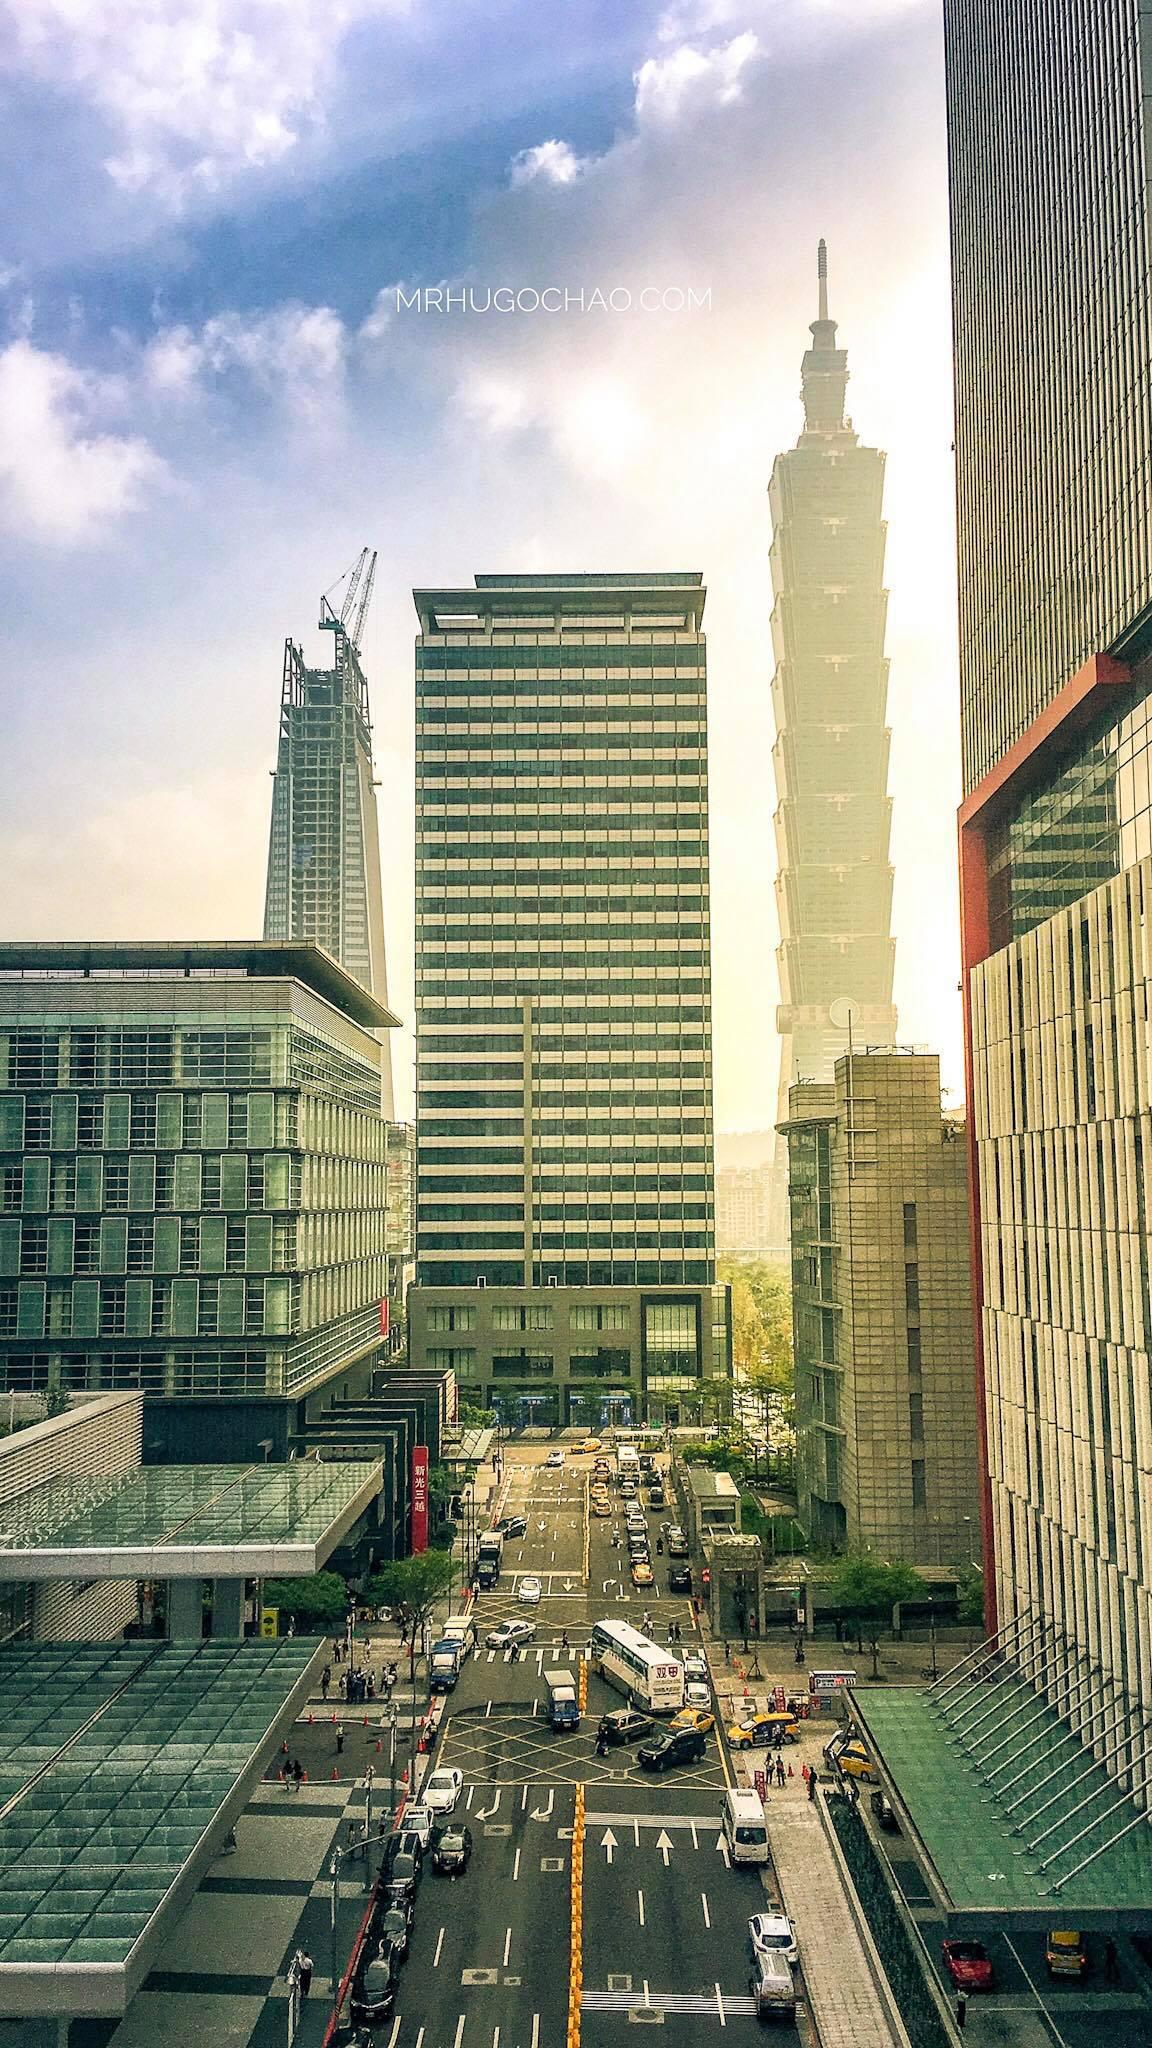 101, Taipei.